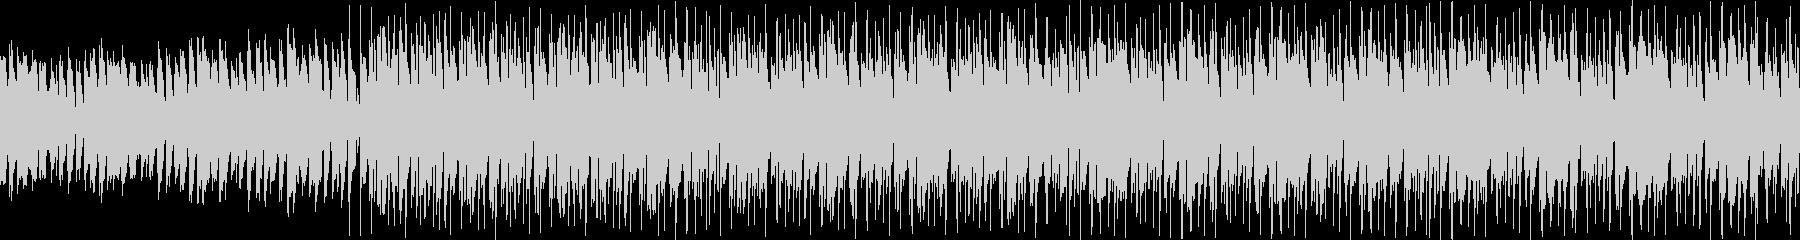 ピアノとキーボードの切ないループ曲の未再生の波形